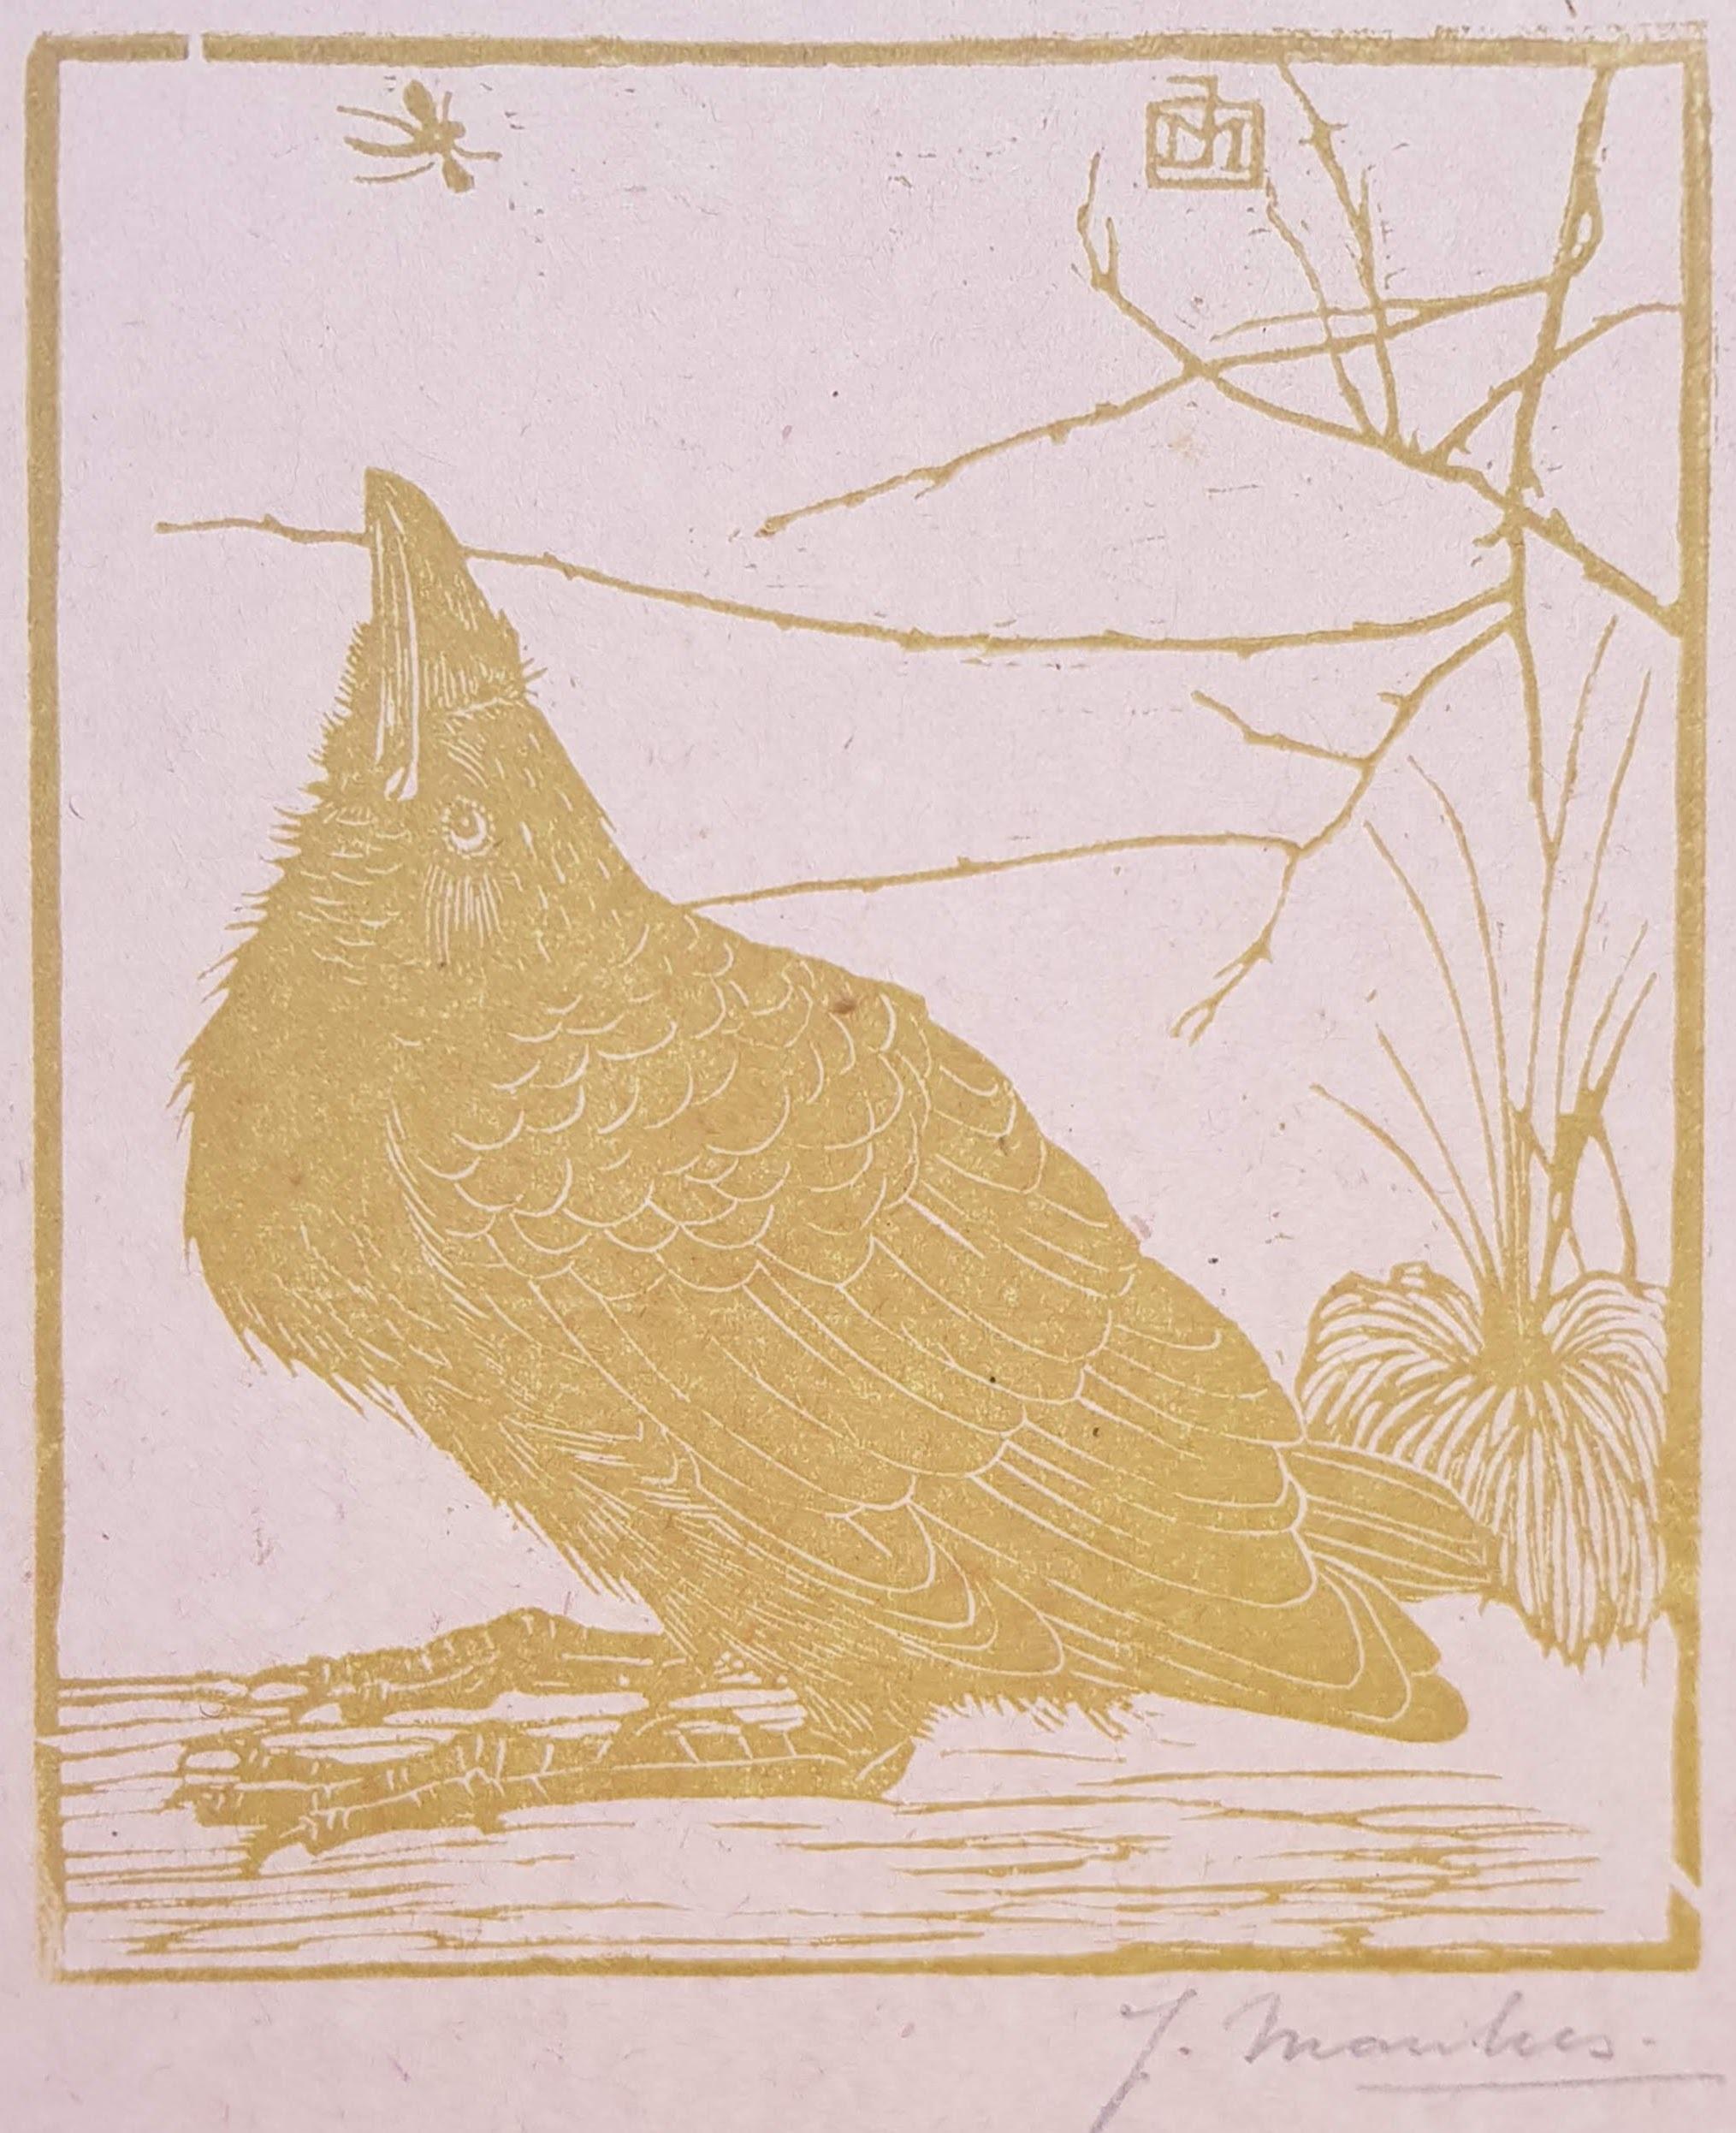 Kraai, omhoog kijkend naar een mugje- Jan Mankes